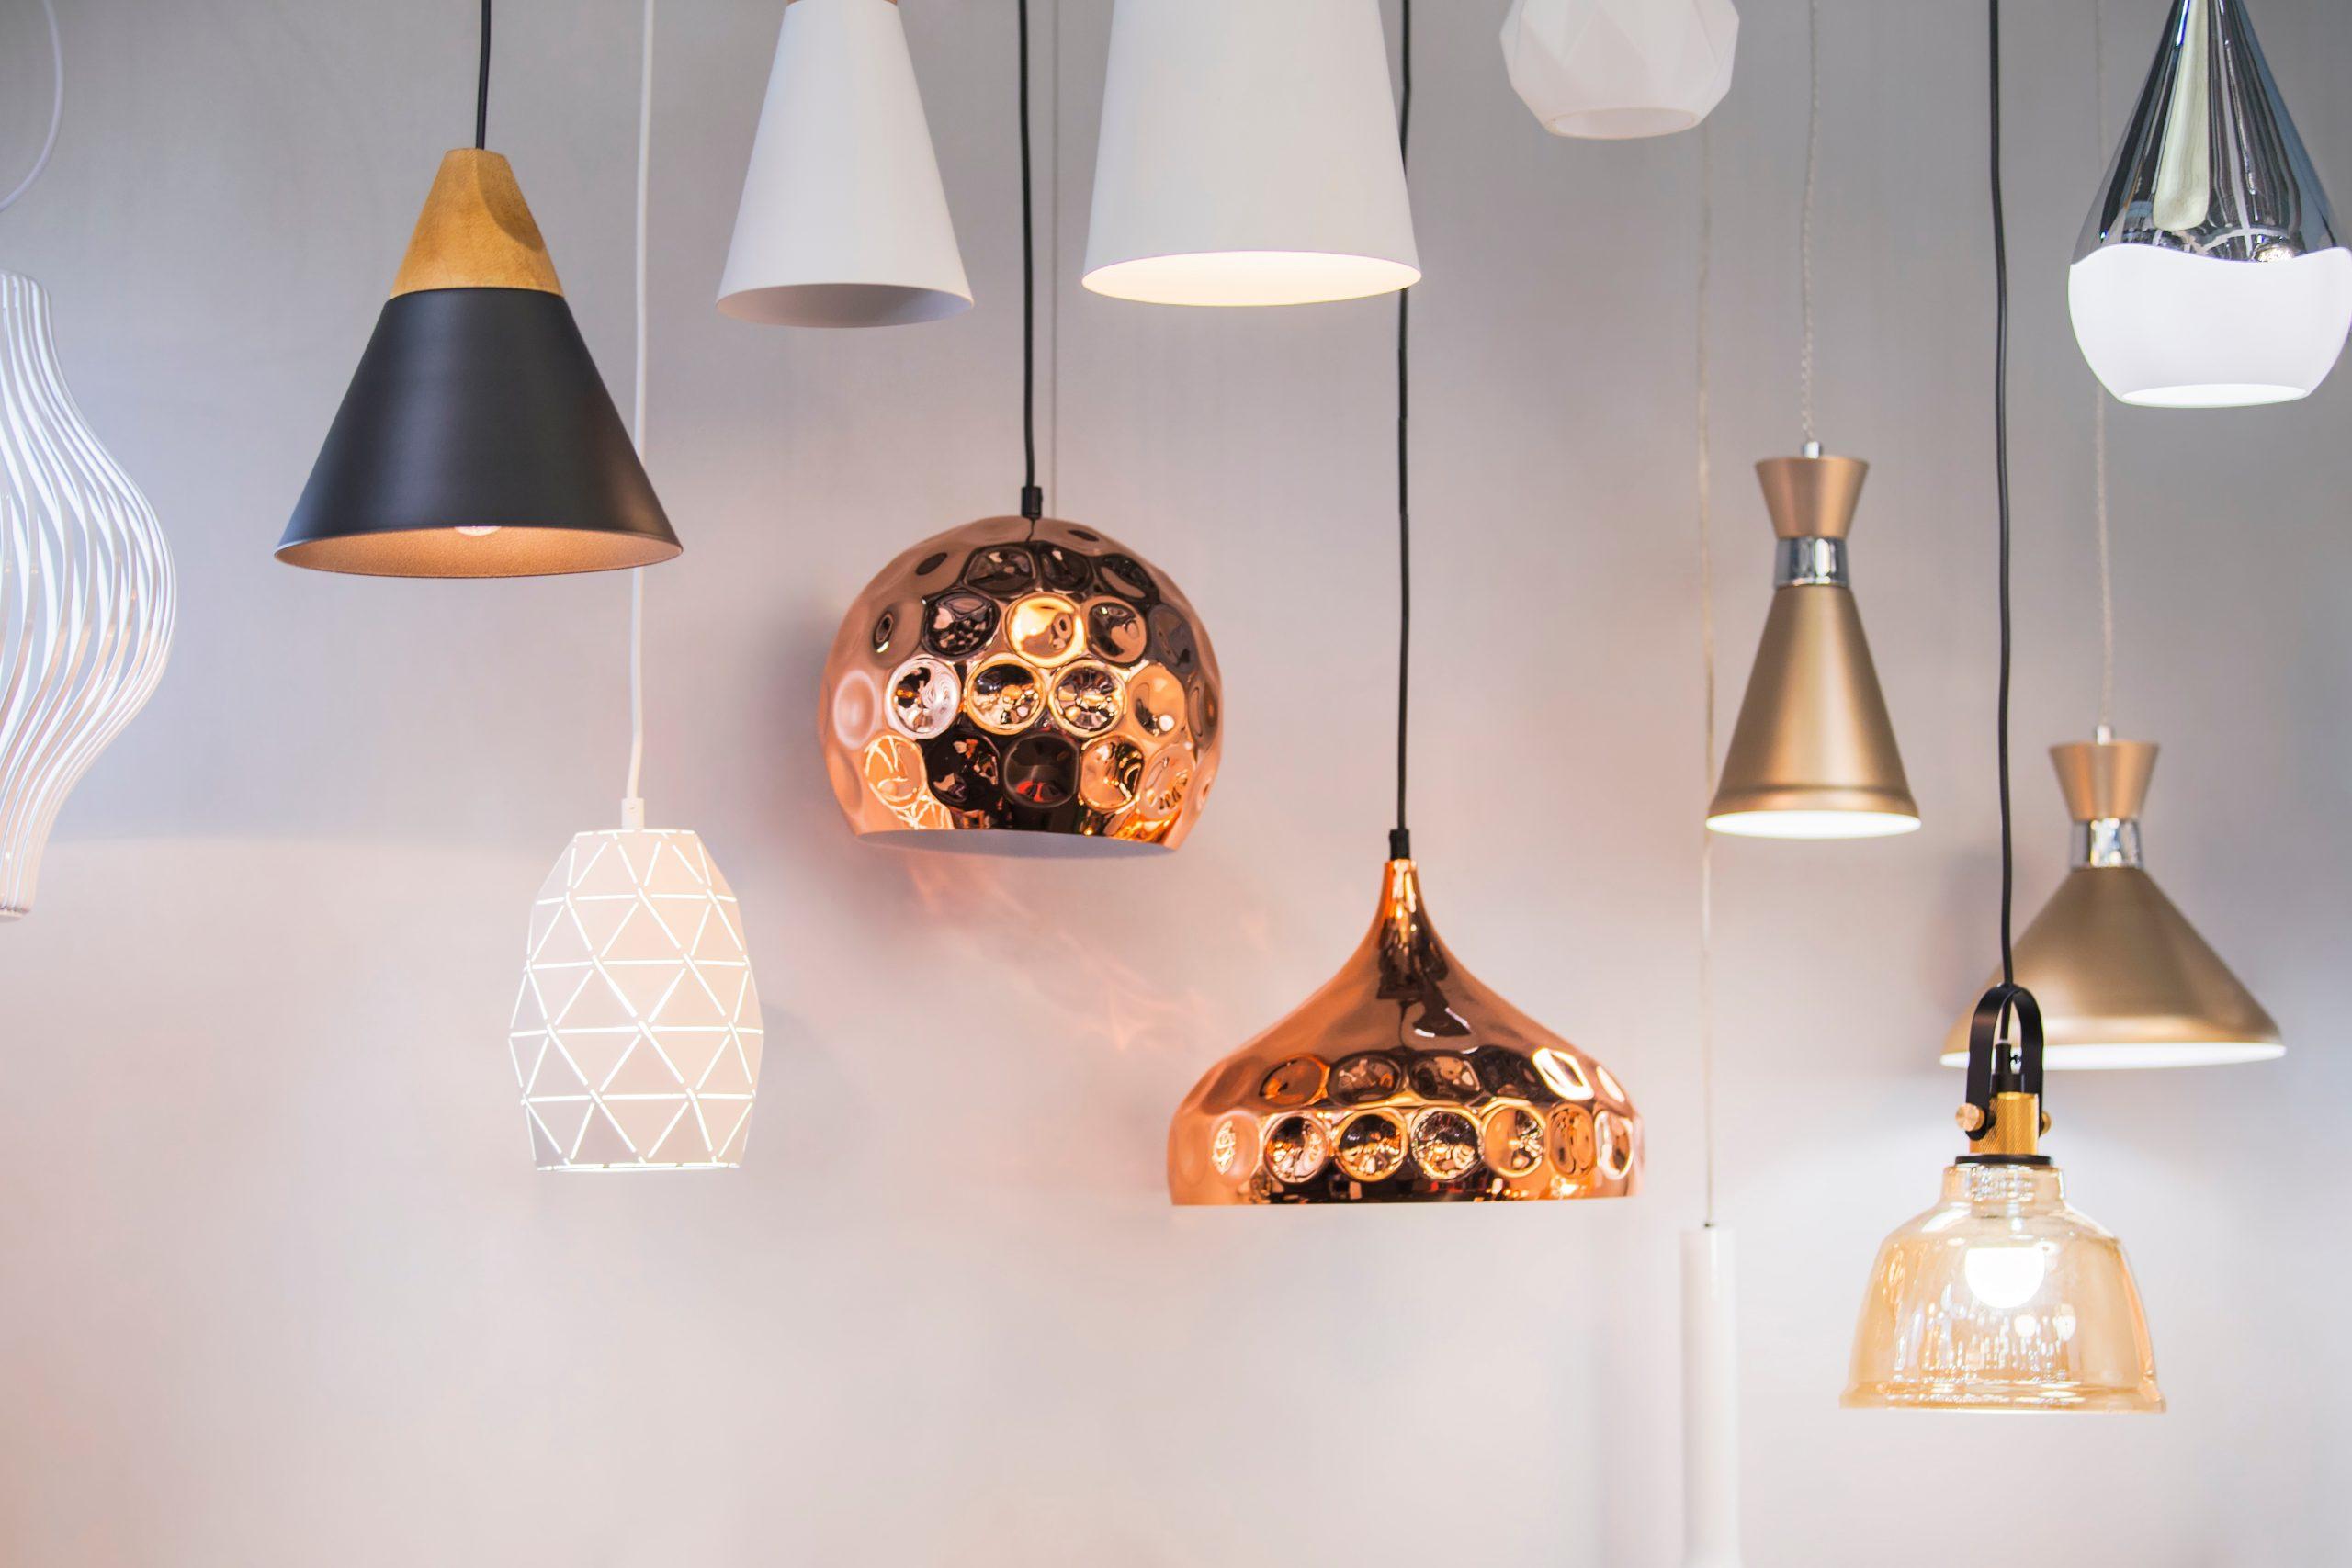 Lampen/Leuchten/Elektro